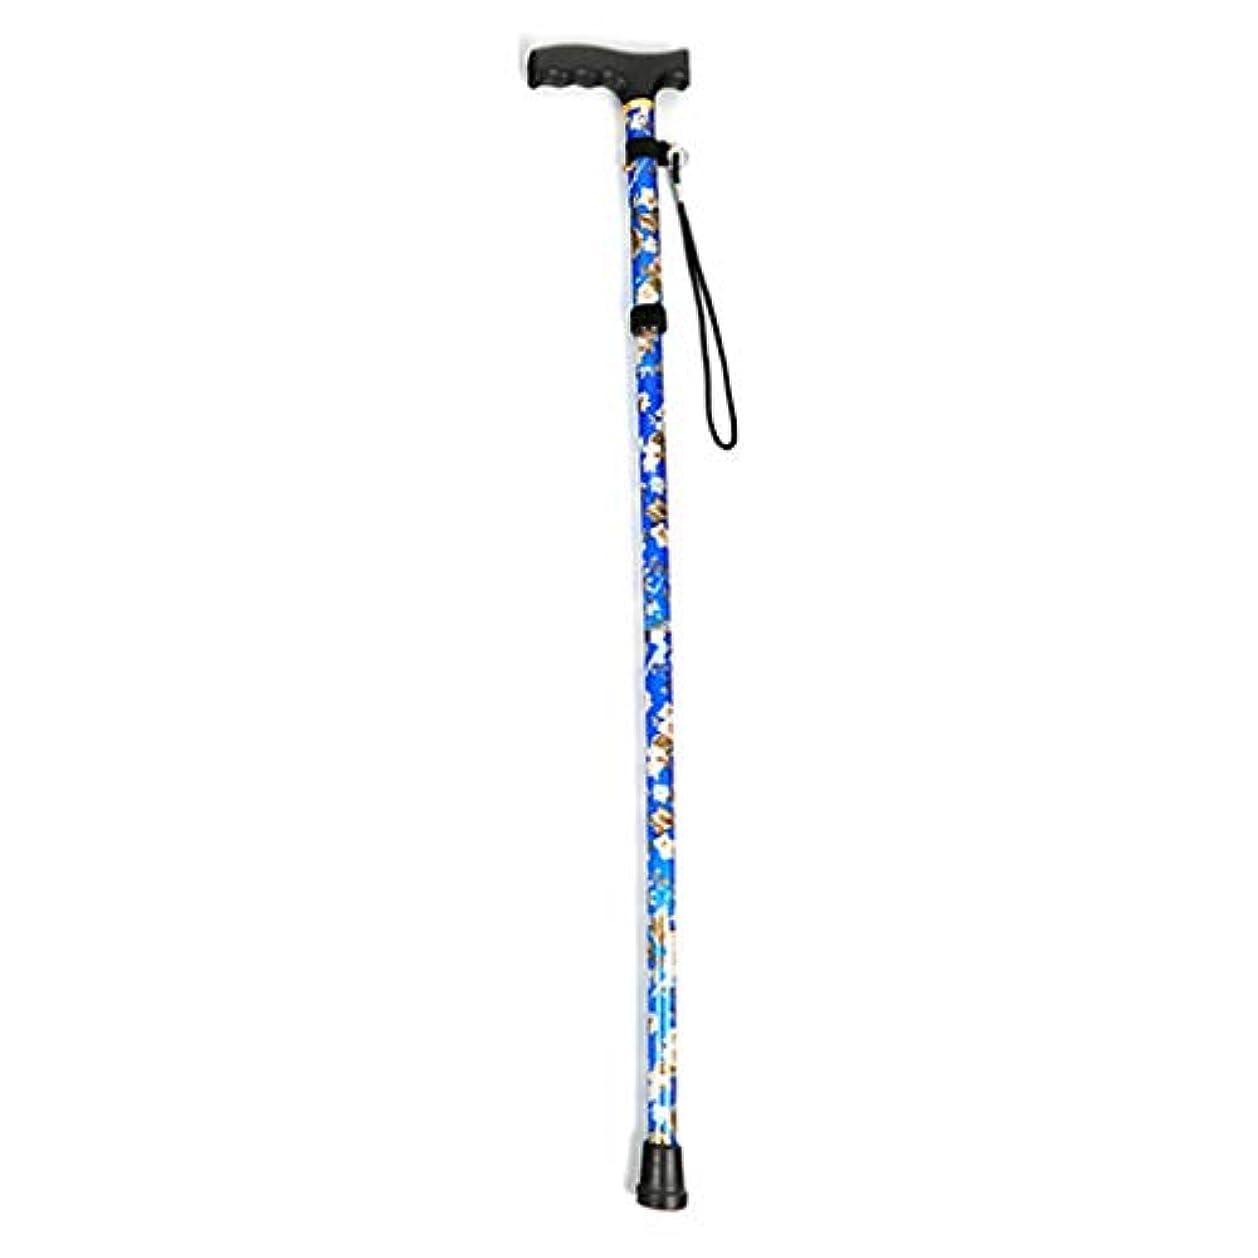 首尾一貫したビクター刻む高さ調節可能な杖、補助杖、折りたたみ式杖、高齢者や身体の不自由な人に最適 Blue